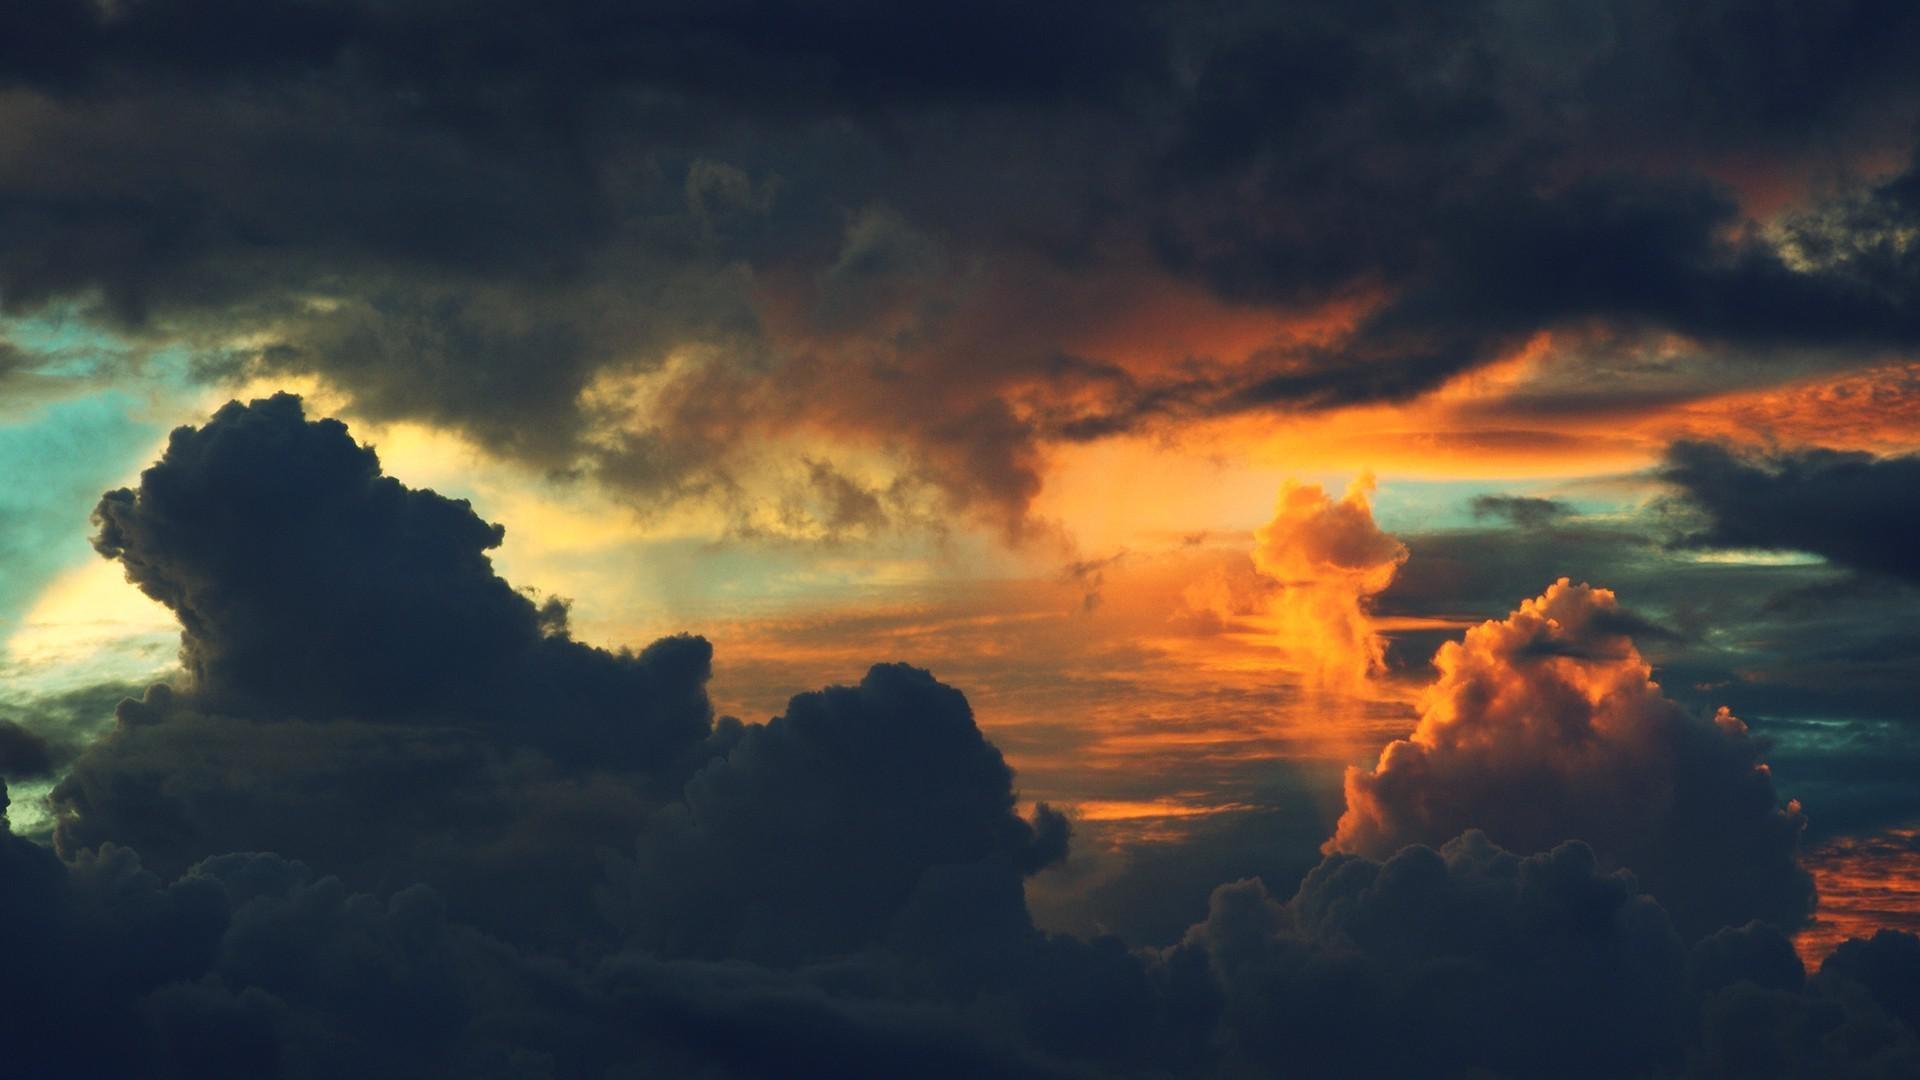 Dark Clouds Wallpaper Wallpapertag